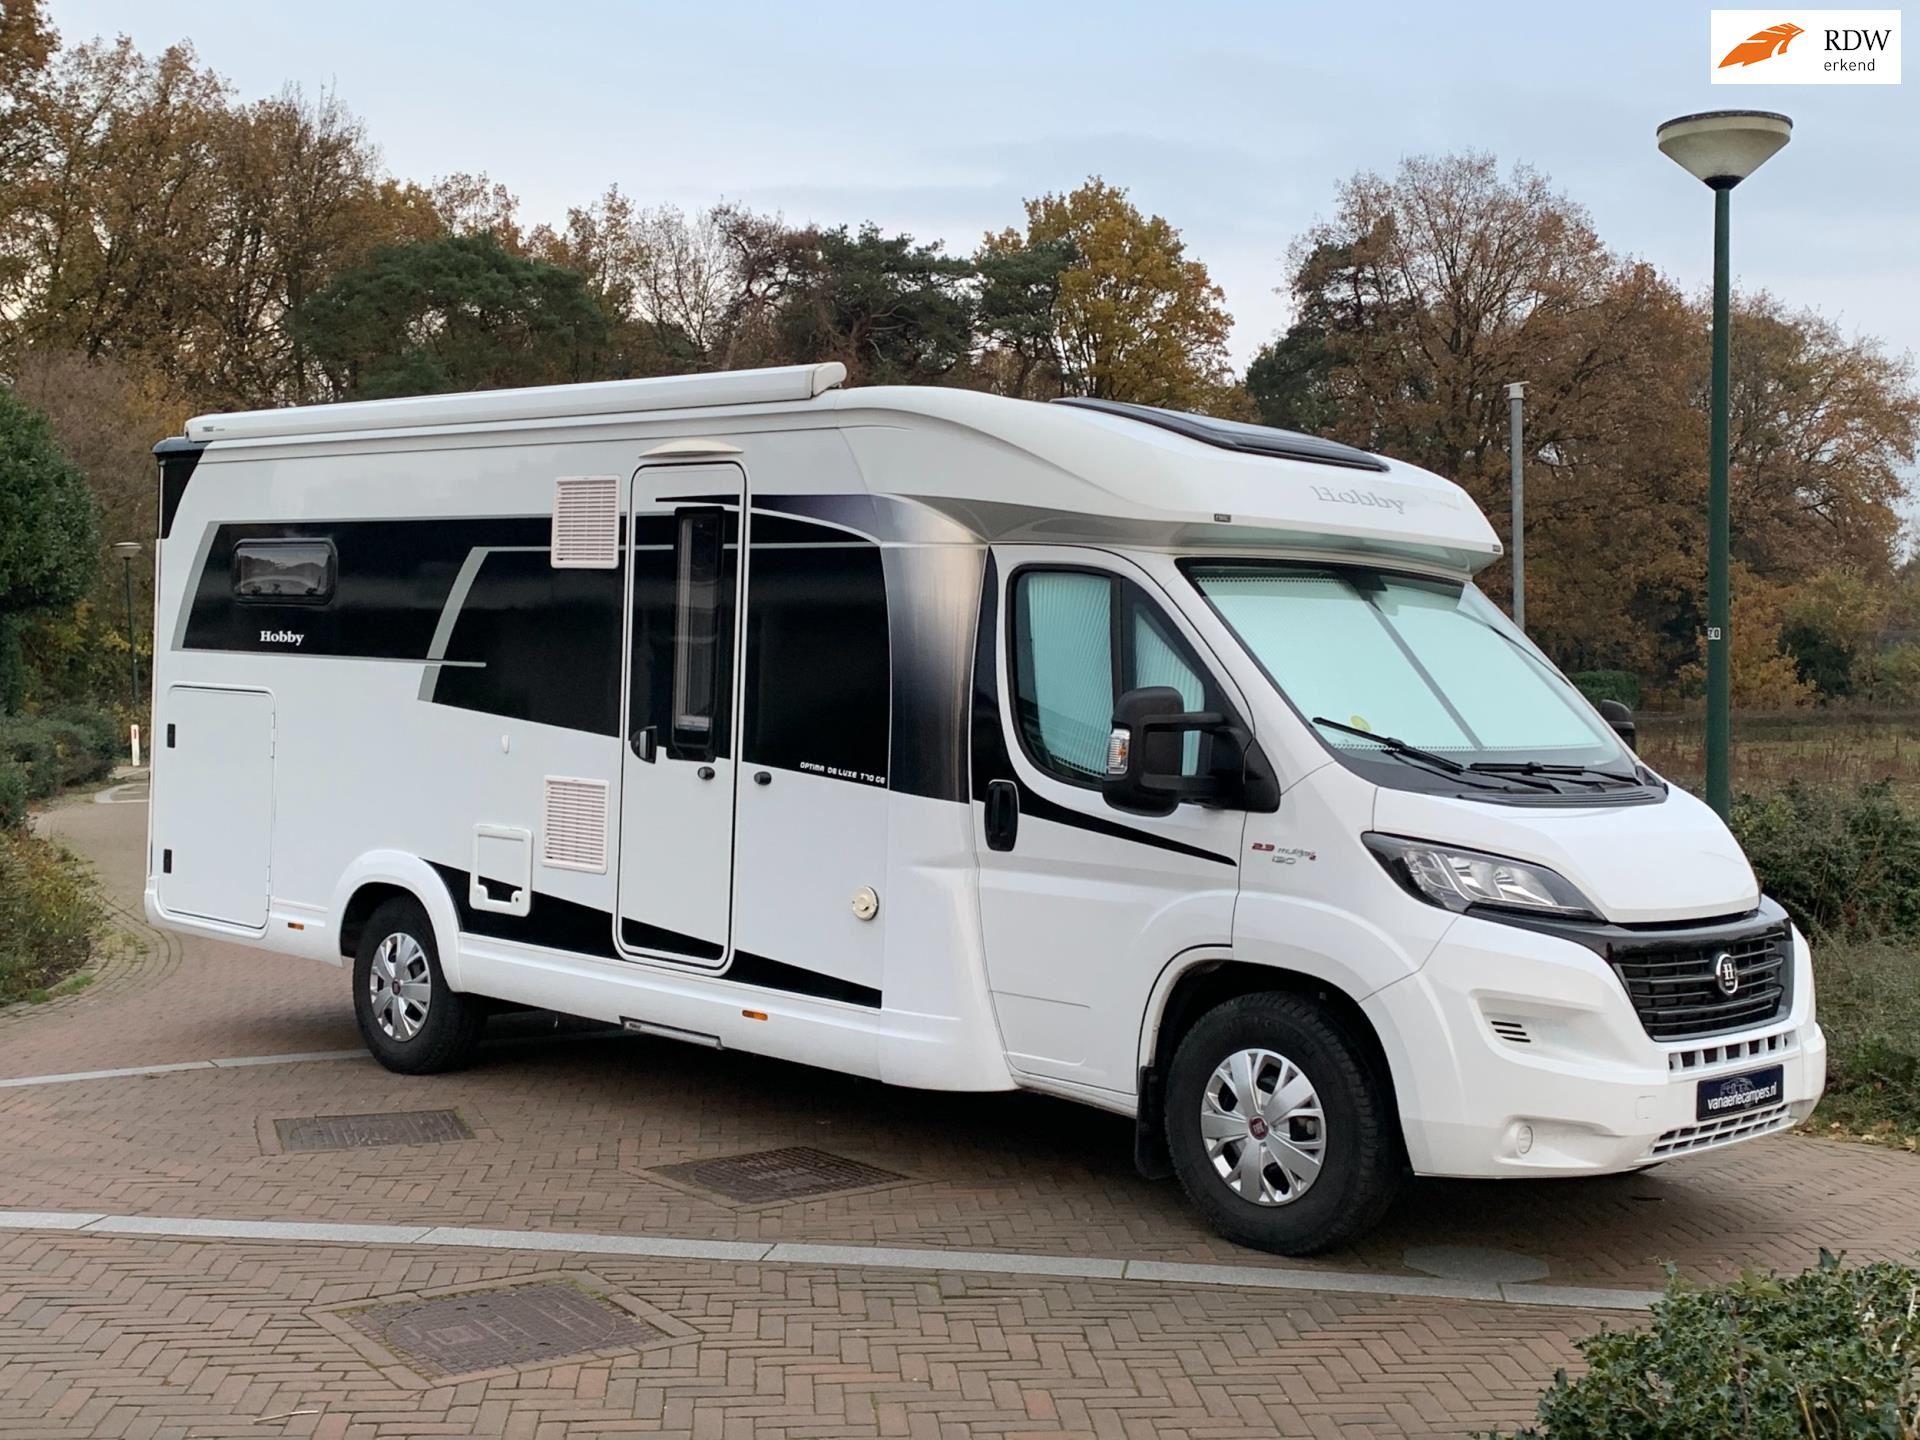 Hobby Optima Deluxe T70 GE-Enkele bedden-XL garage-2019-Nieuwstaat-Zeer Exclusief occasion - Eric van Aerle Auto's